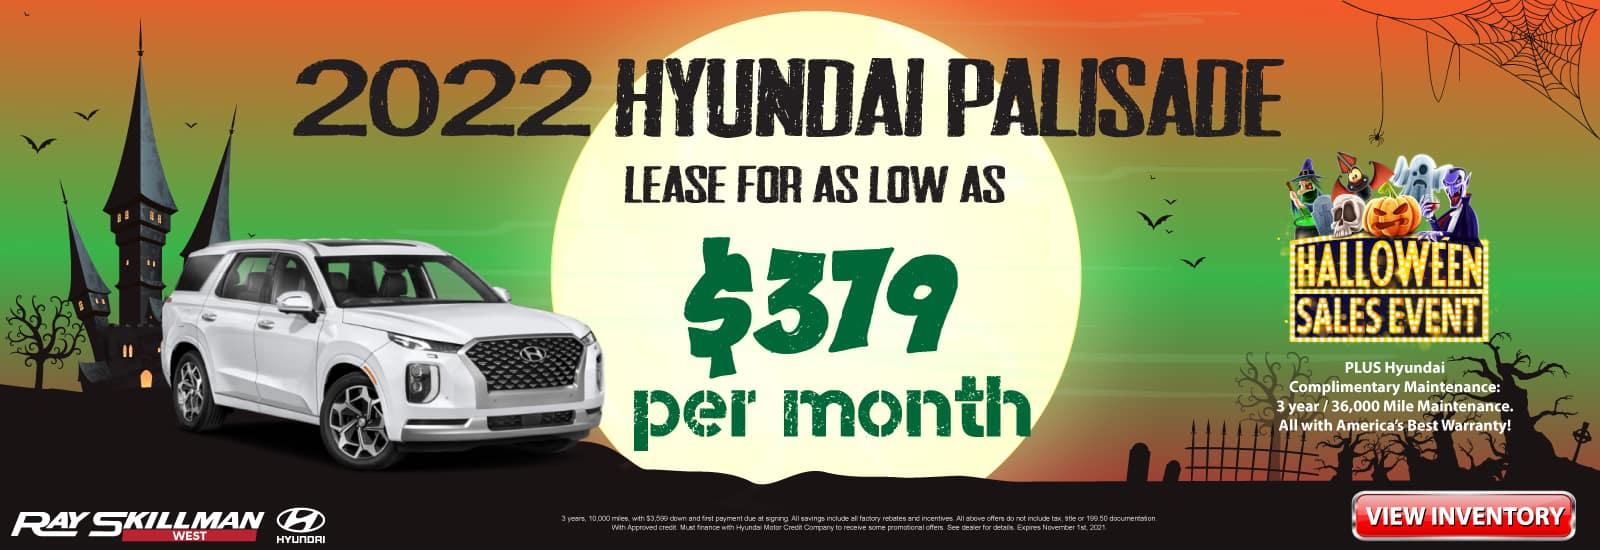 2022-Hyundai-Palisade-Web-Banner-1600×550